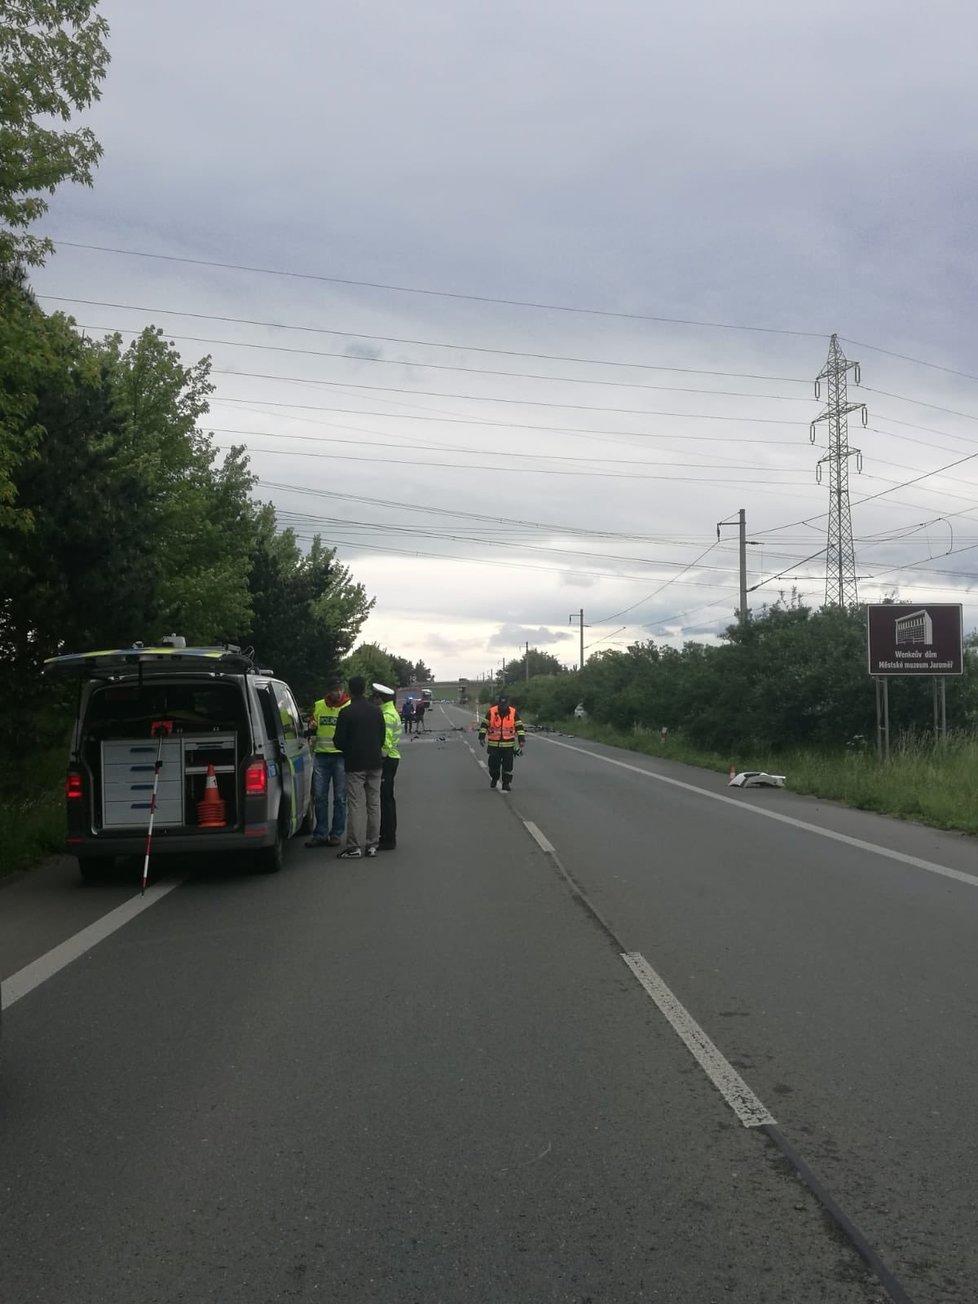 Při dopravní nehodě u Černožic na Královéhradecku v neděli 31. května 2020 zemřeli tři lidé.